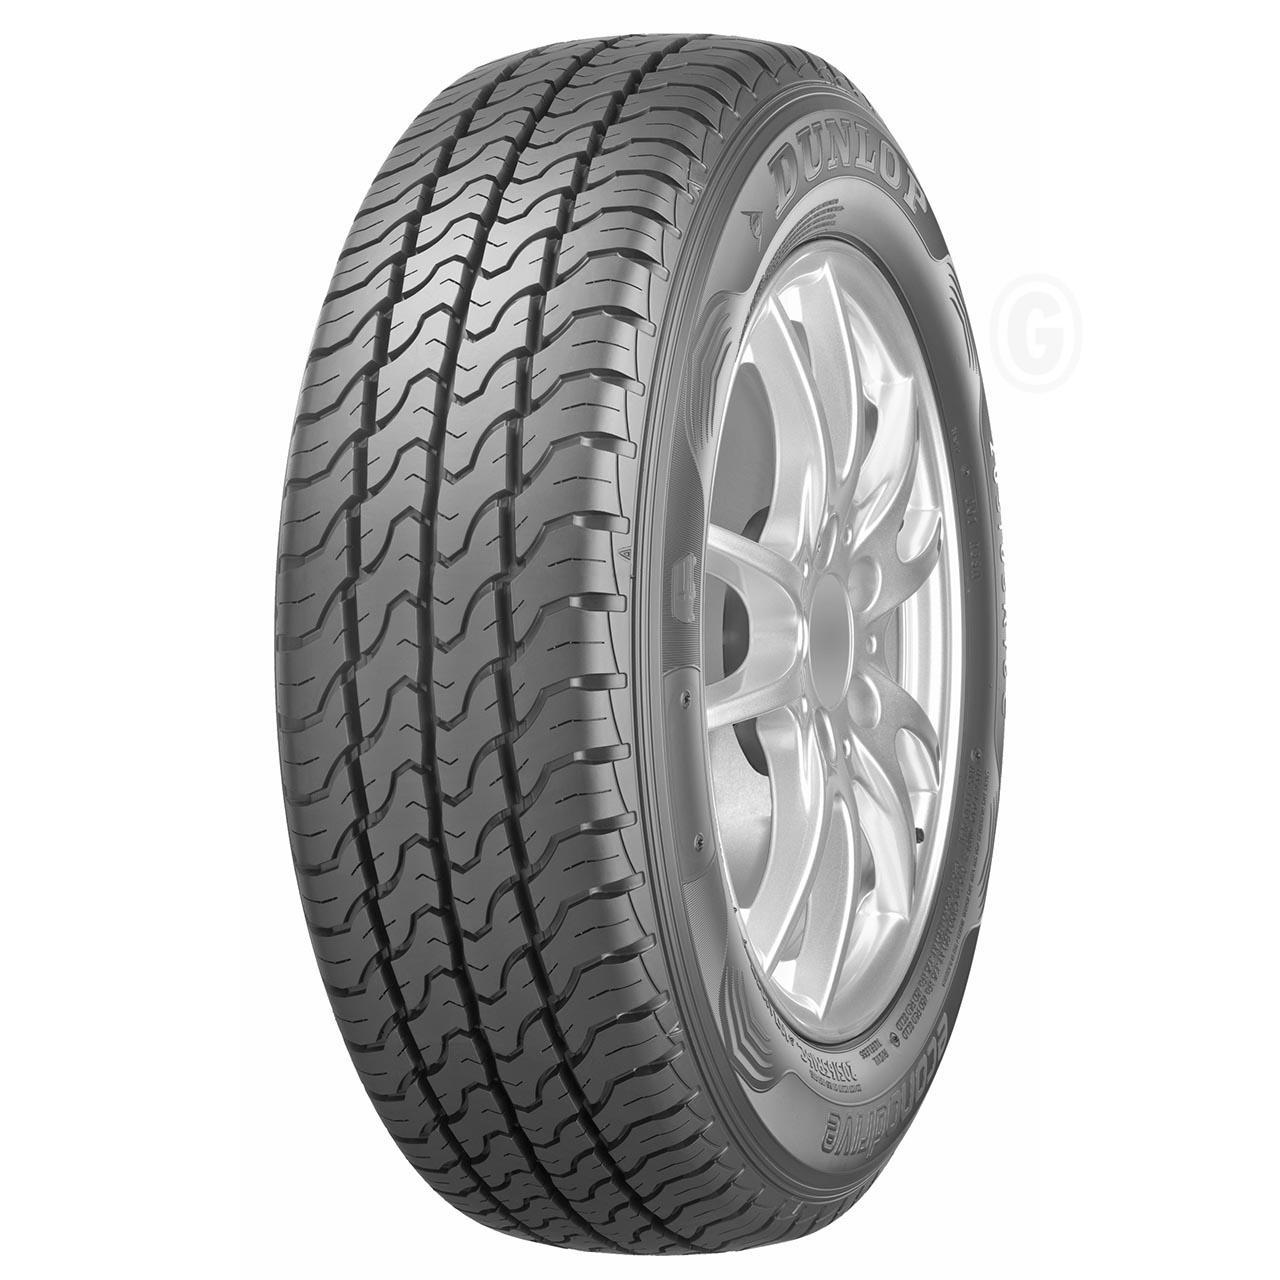 Dunlop Econodrive 205/65R16C 107/105T 8PR